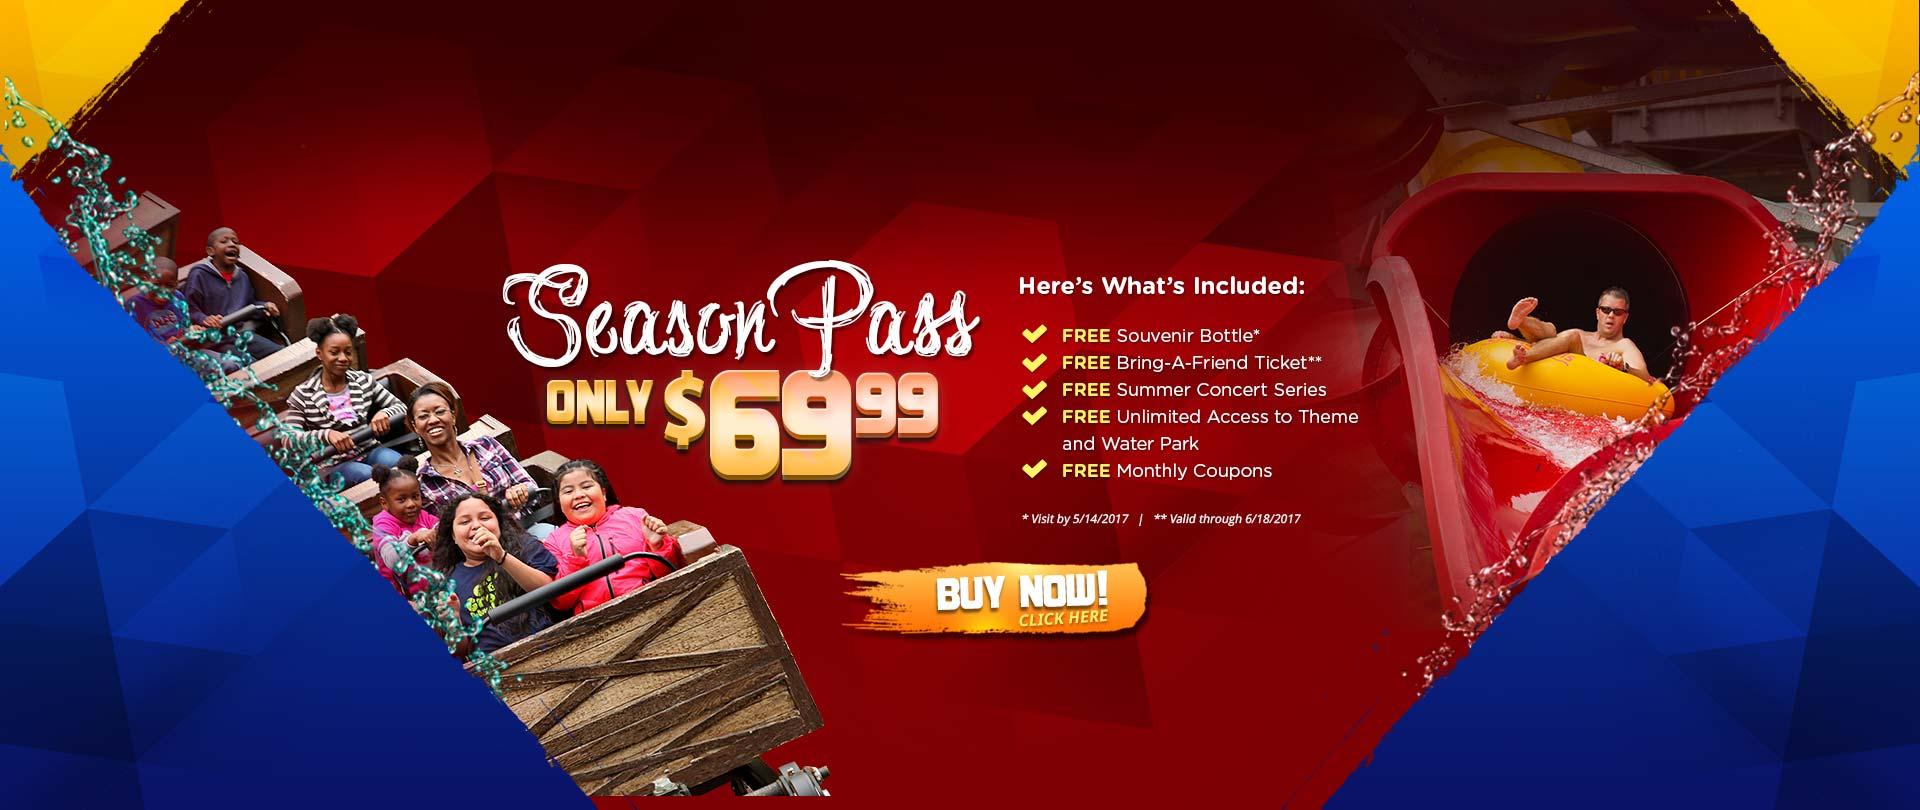 Magic springs coupon code